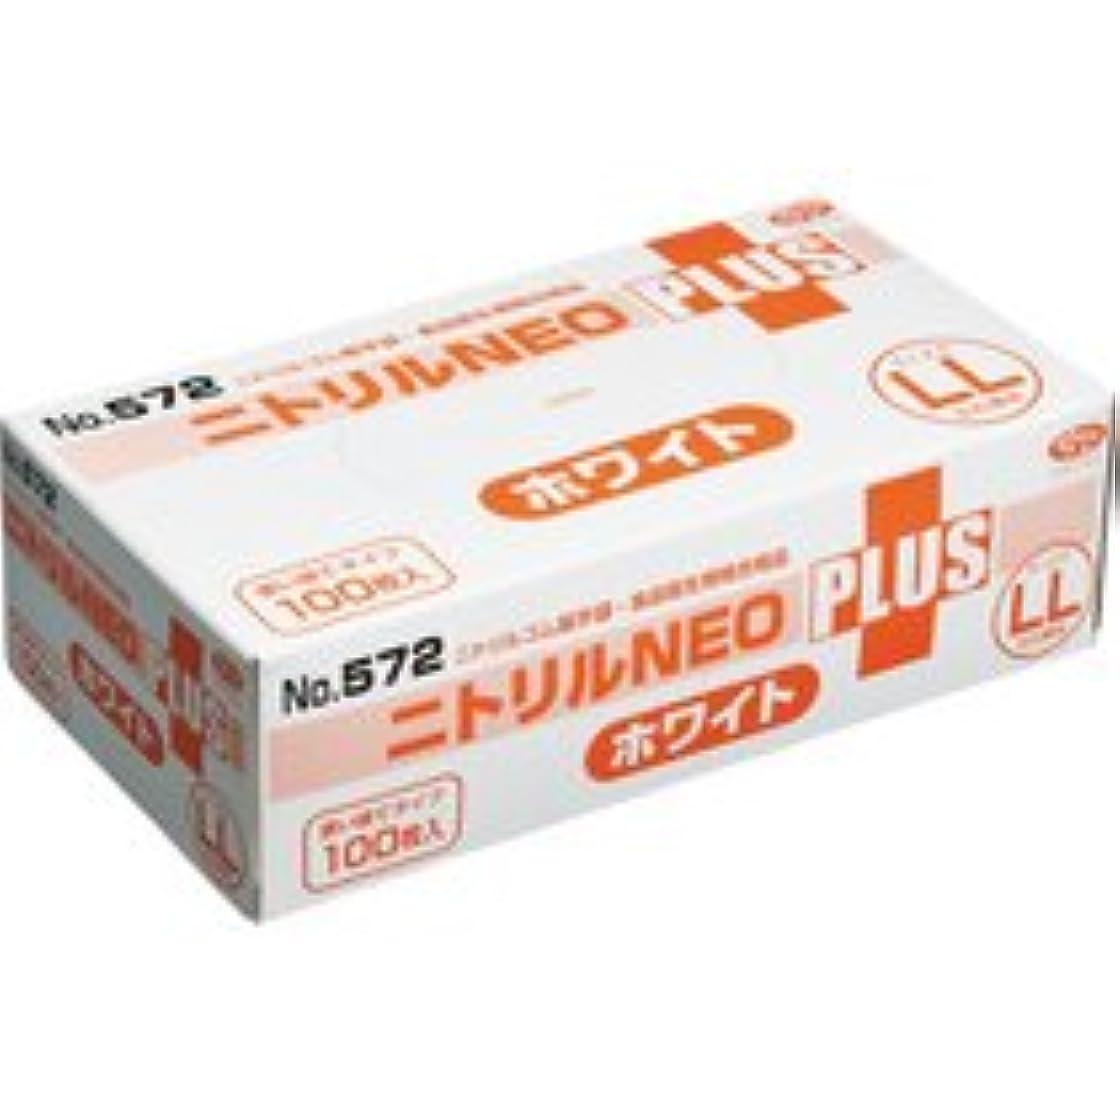 収束するソーダ水気分が良いエブノ ニトリルNEOプラス パウダーイン ホワイト LL NO-572 1箱(100枚)